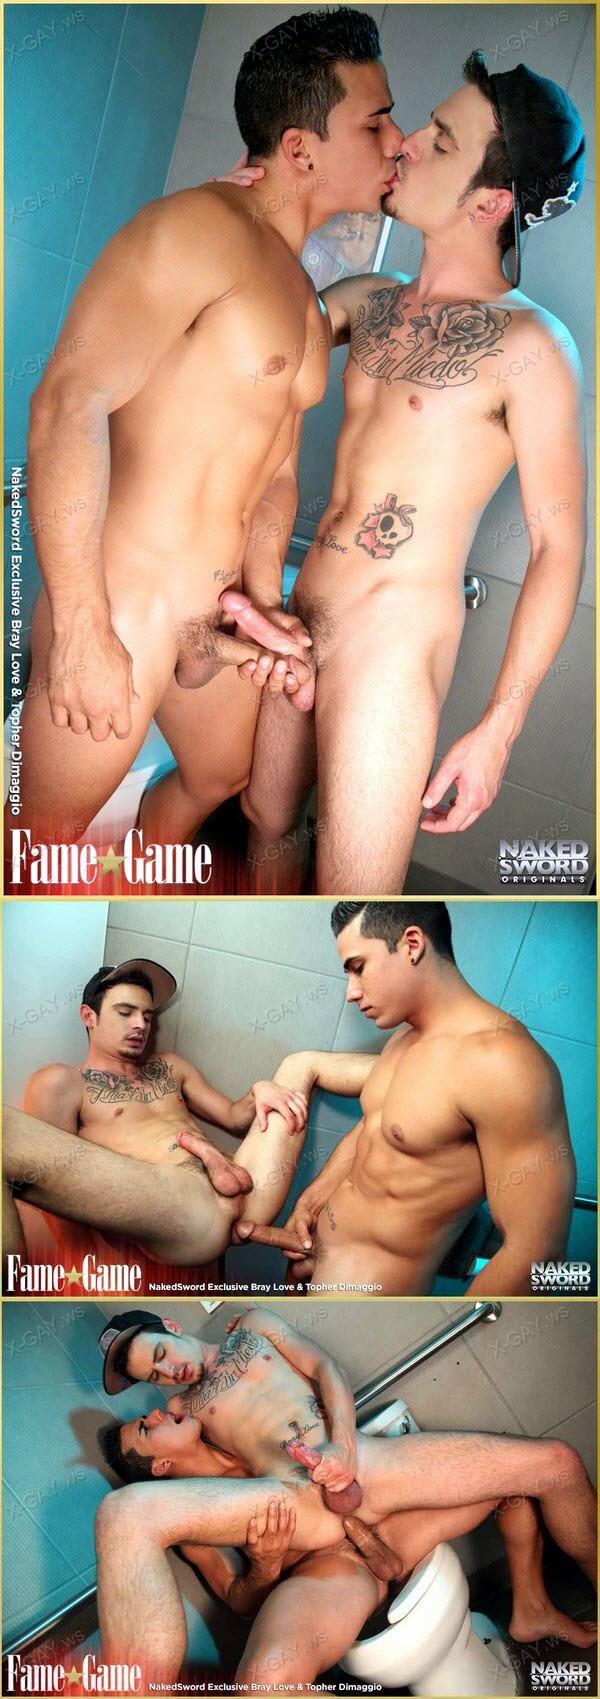 nakedsword_famegame_braylove_topherdimaggio.jpg